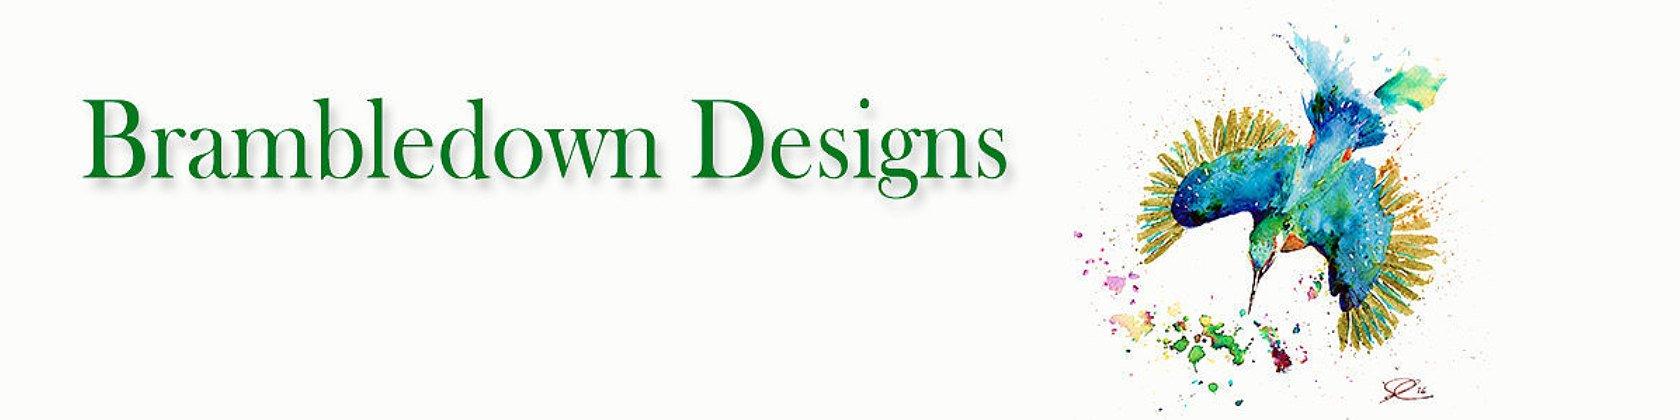 Brambledown Designs logo